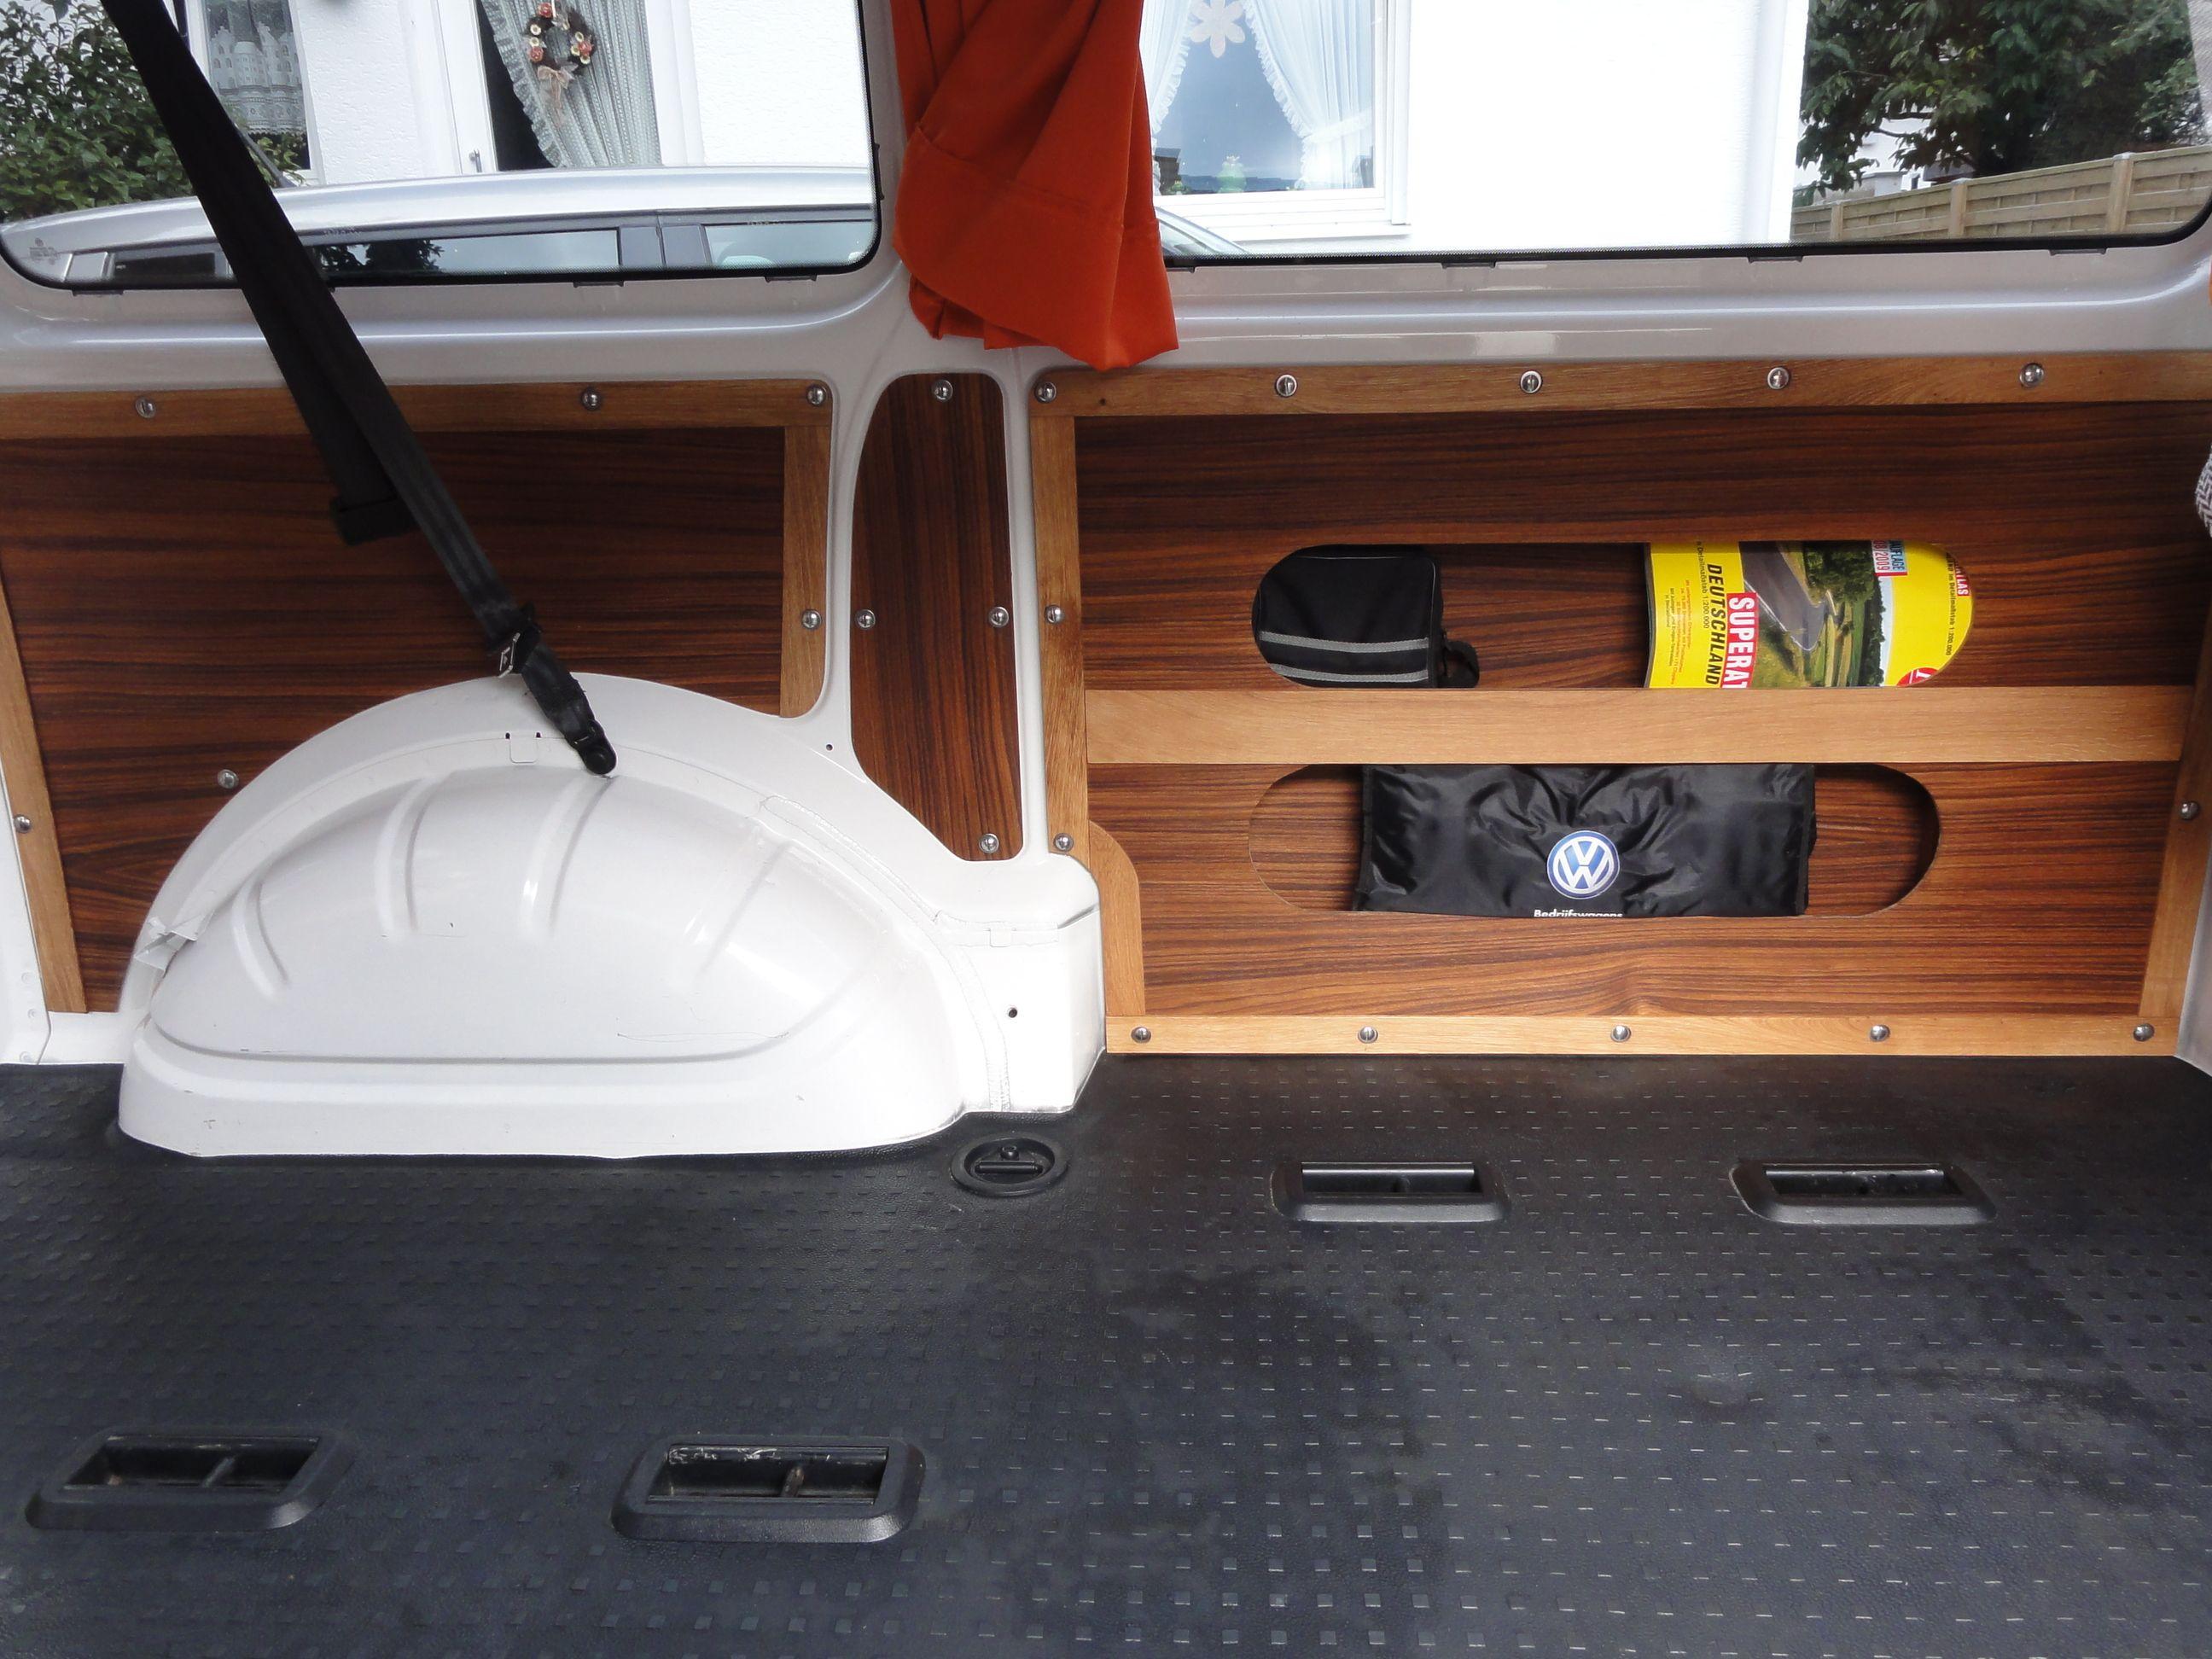 t5 innenverkleidung vw bus t5 innenverkleidung camper ideen und vw bus ausbau. Black Bedroom Furniture Sets. Home Design Ideas